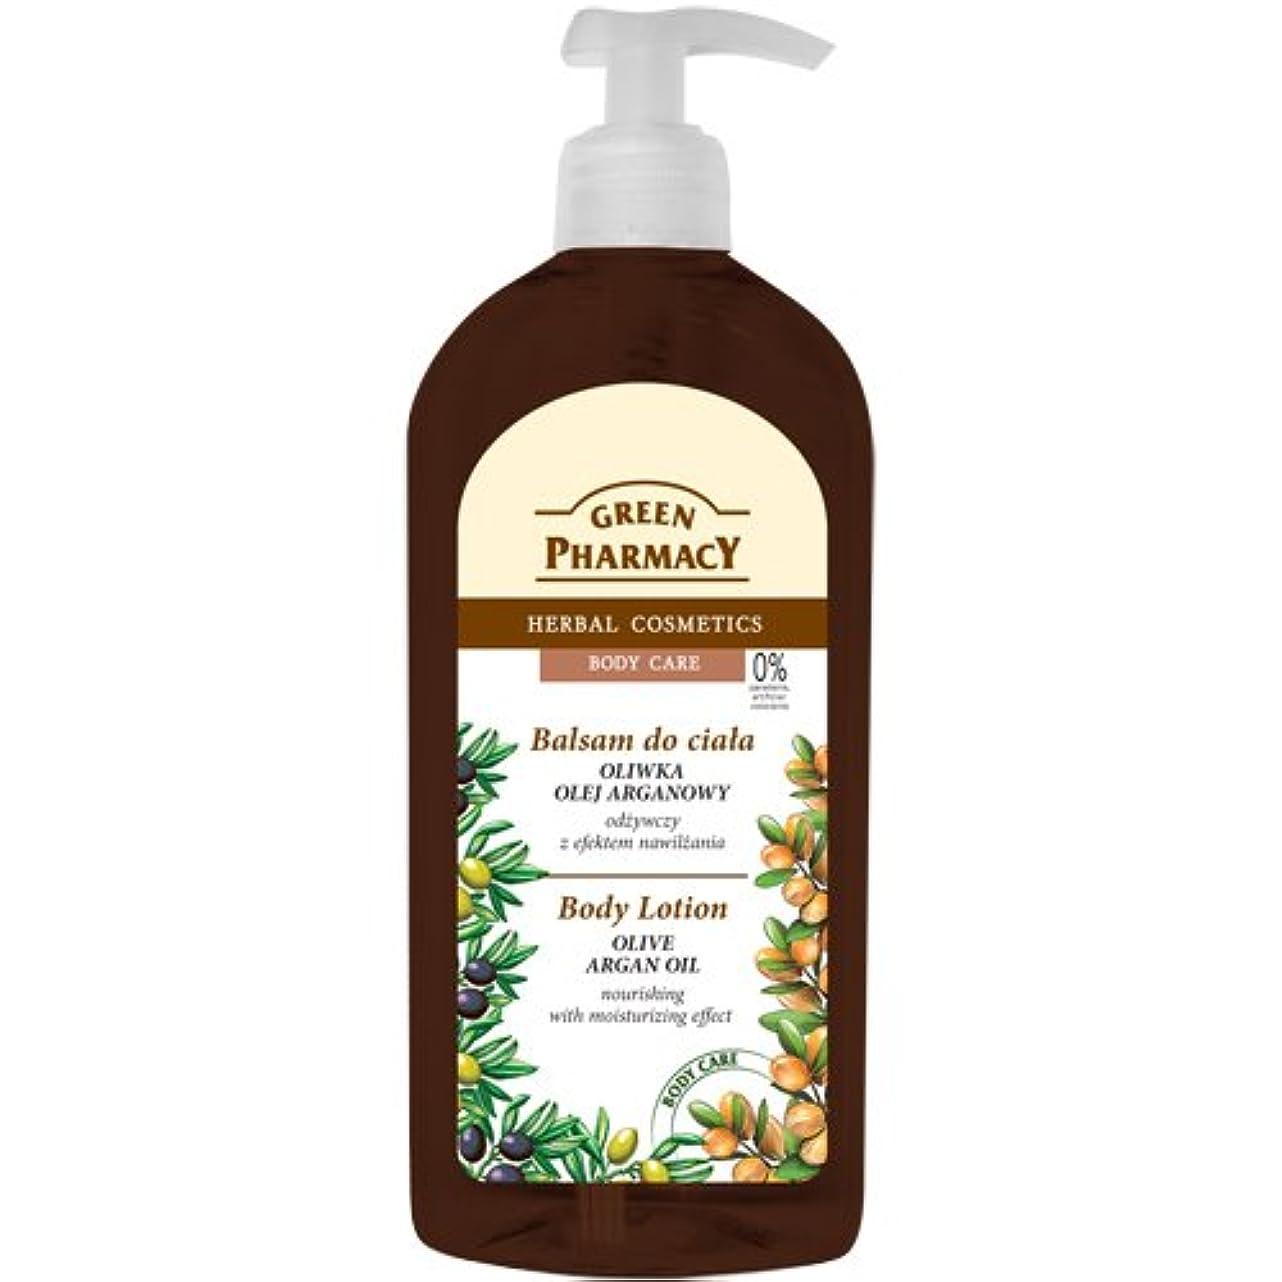 スチュワード今日限りElfa Pharm Green Pharmacy グリーンファーマシー Body Lotion ボディローション Olive Argan Oil